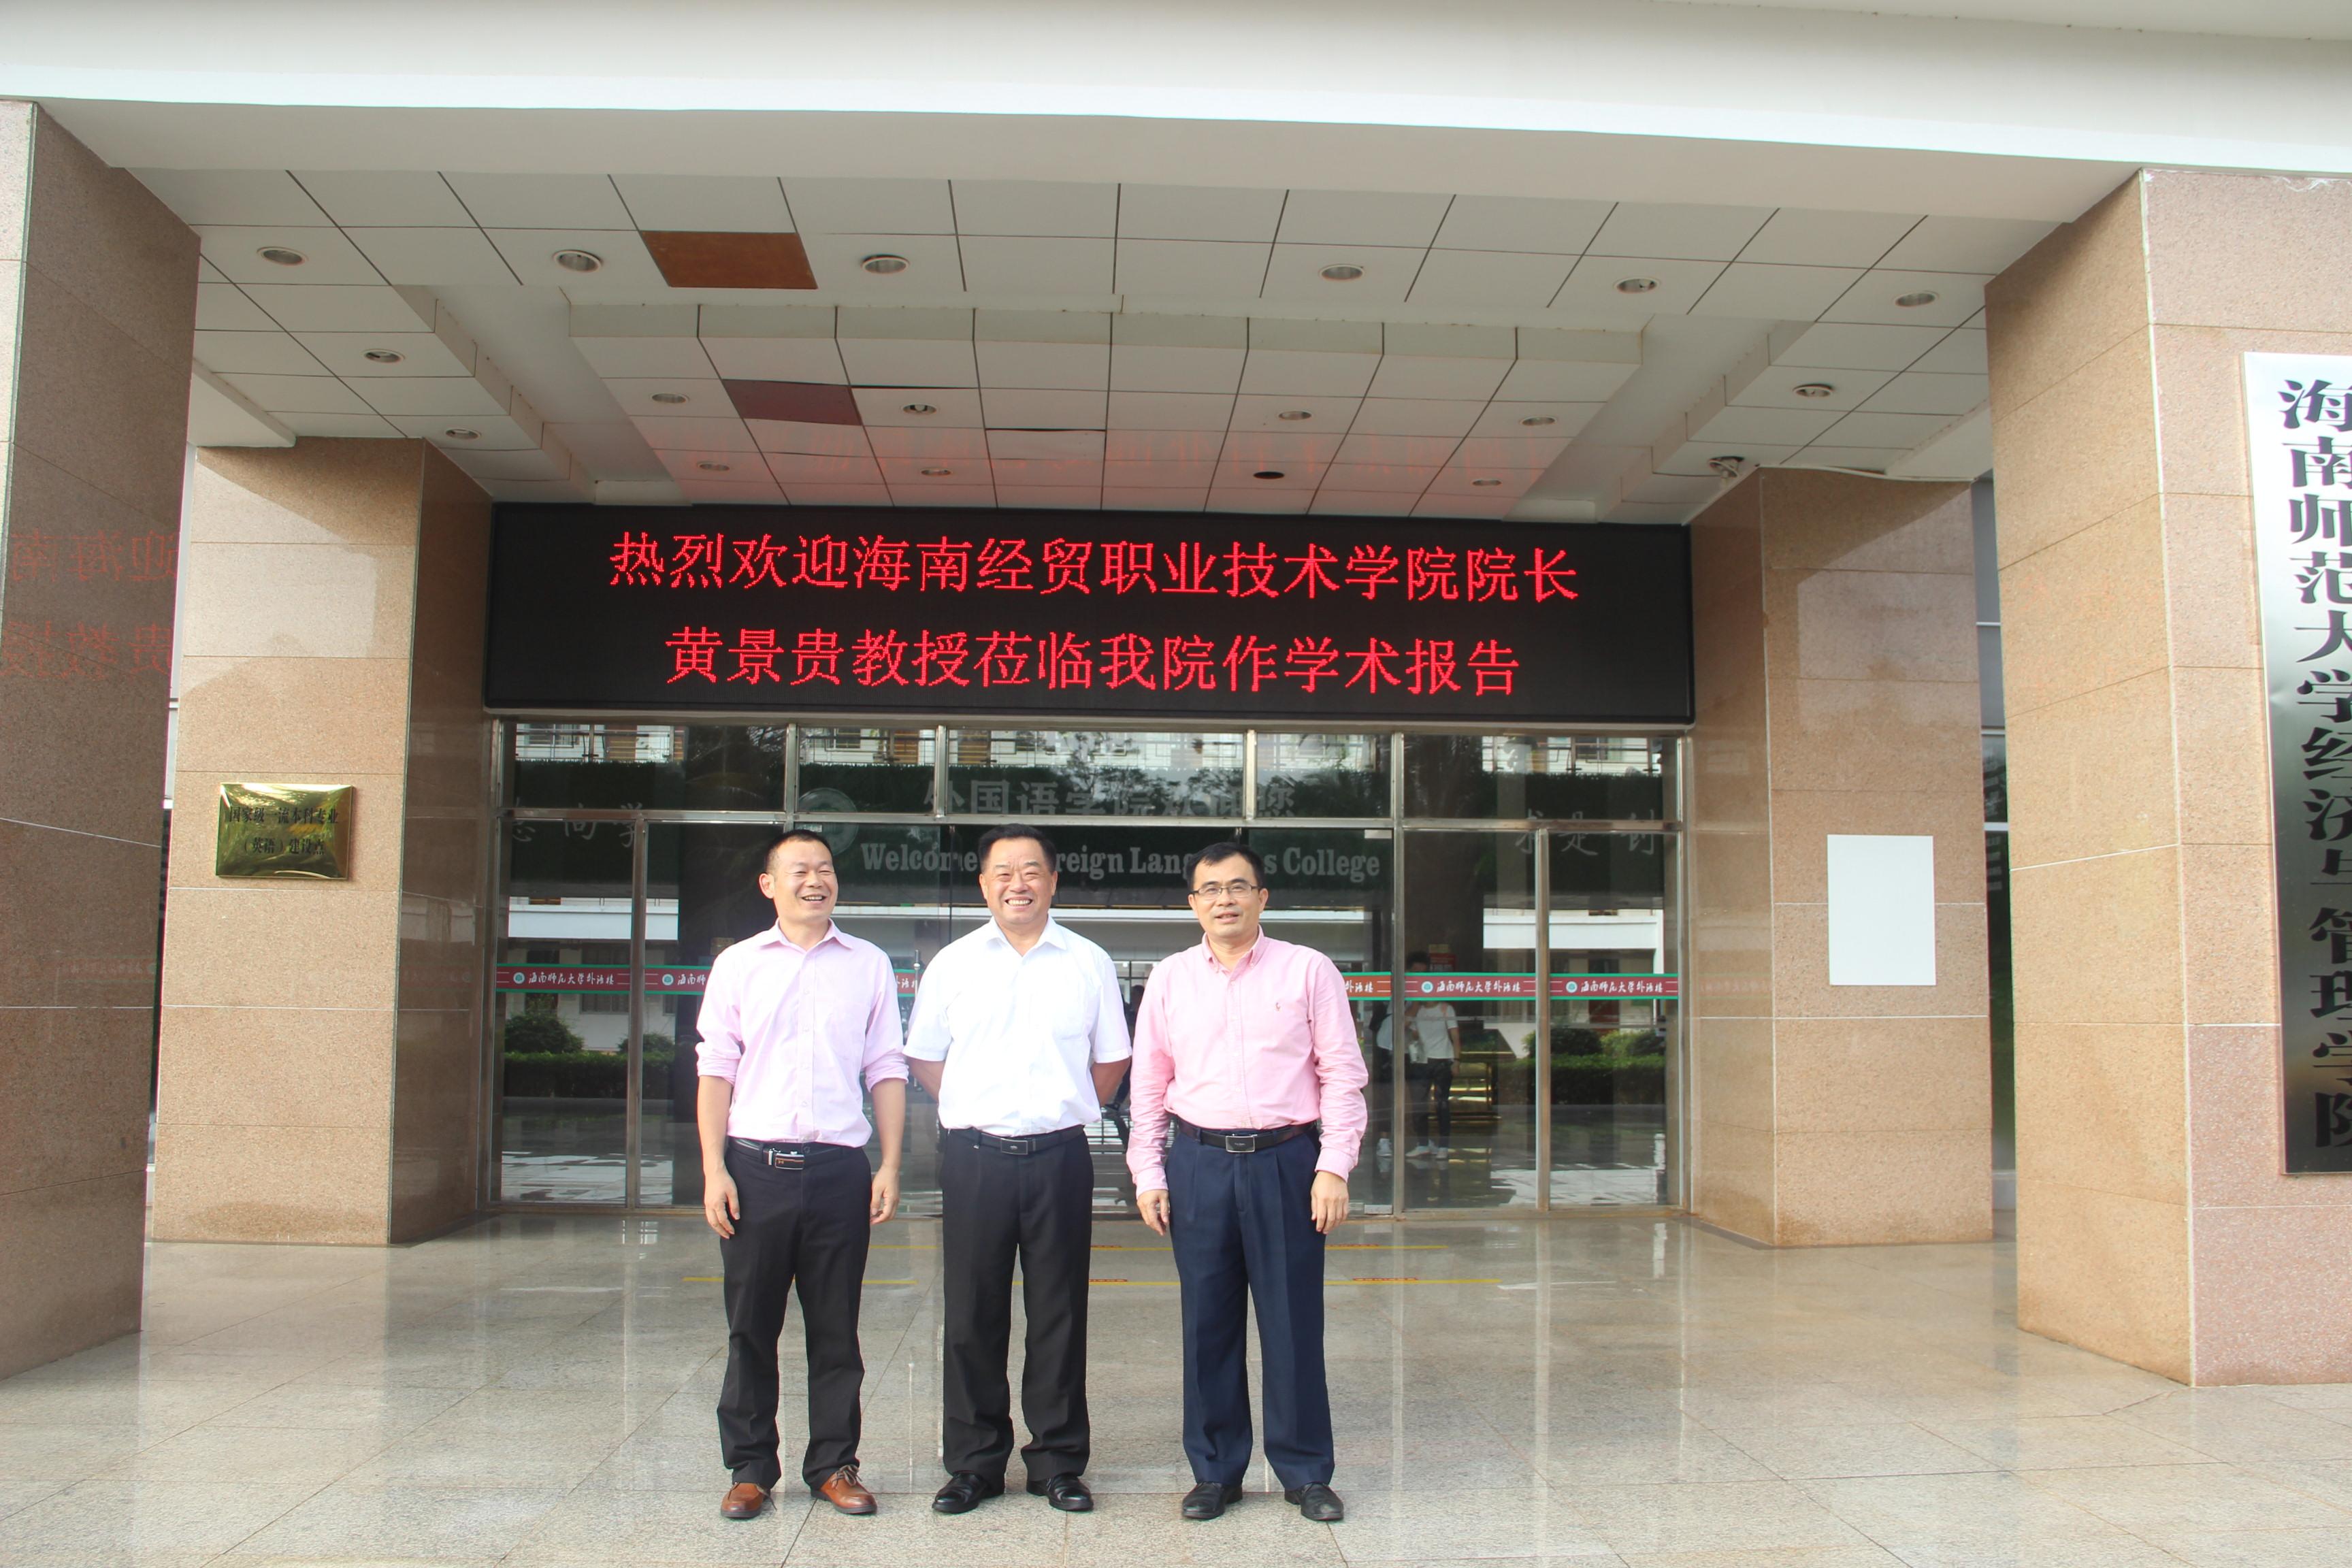 海南经贸职业技术学院院长黄景贵教授莅临我院作报告